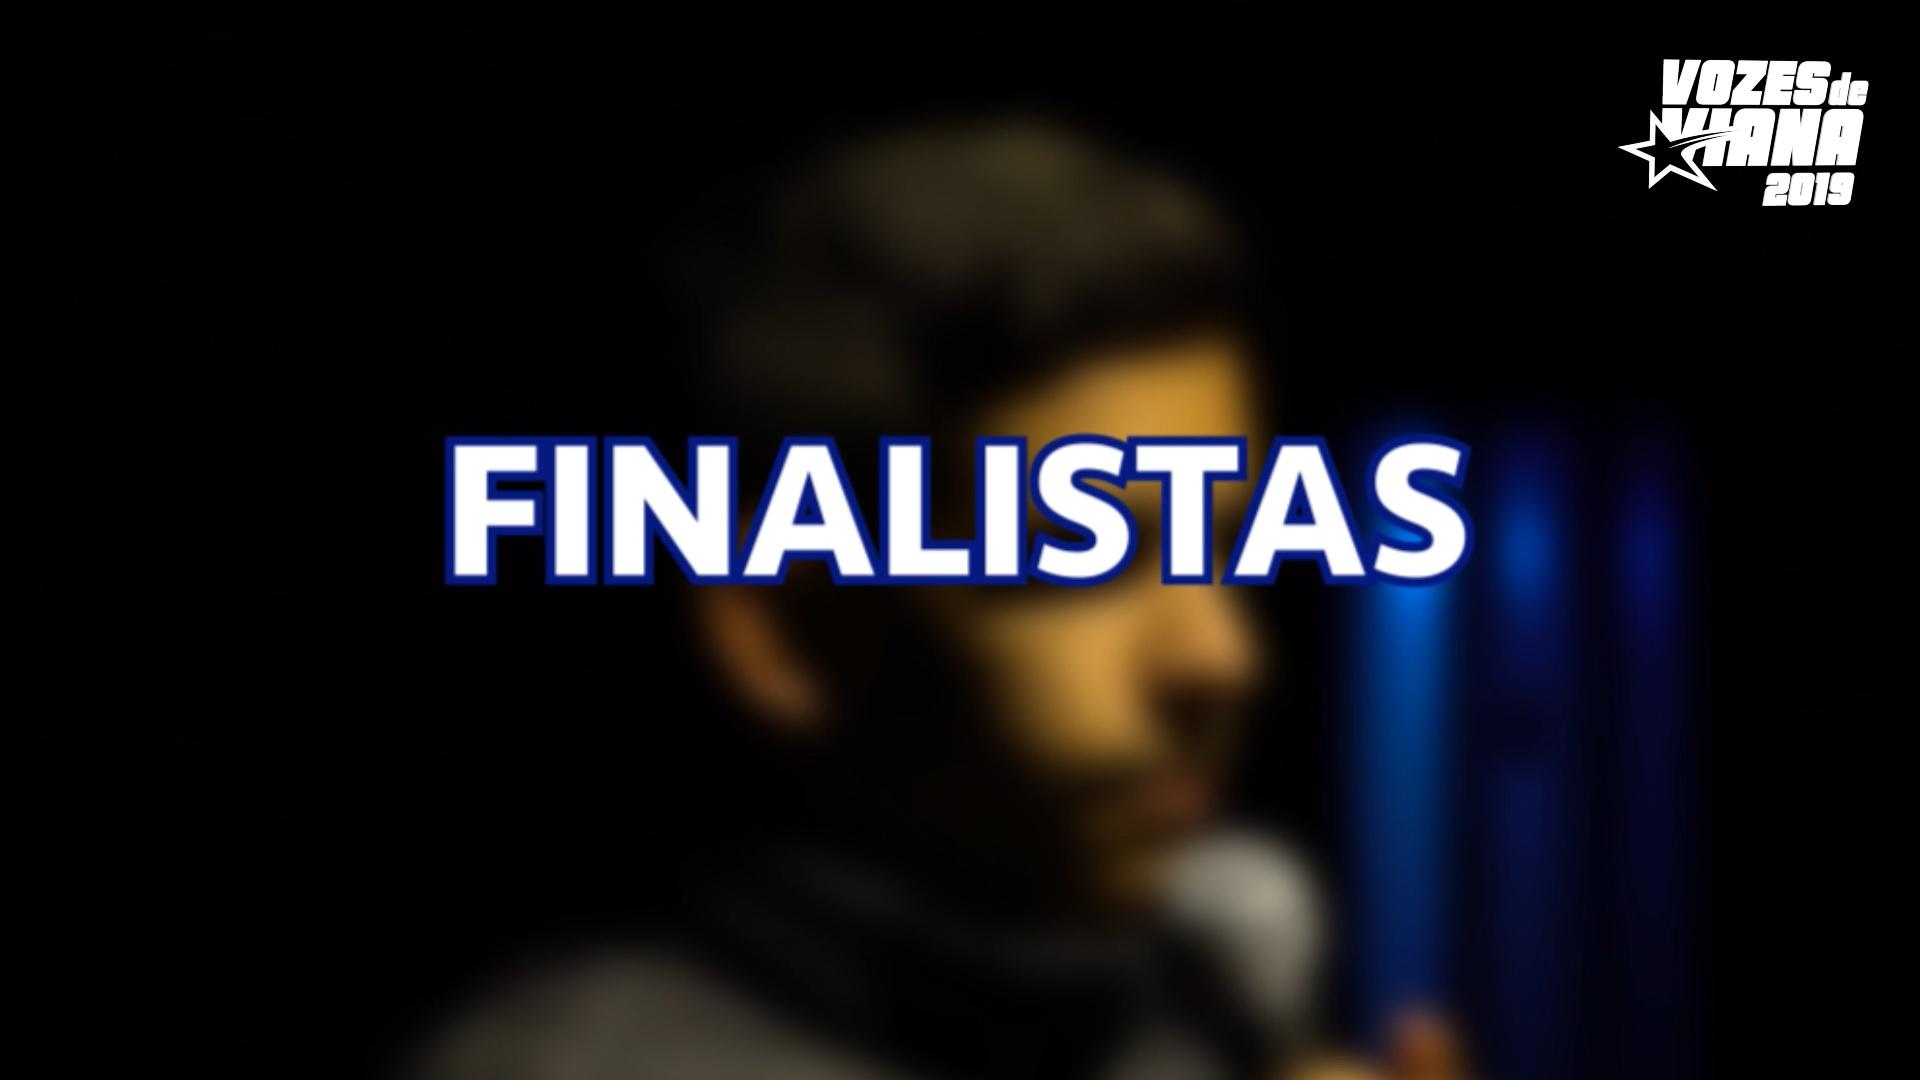 Conhece aqui os finalistas Vozes de Viana (VÍDEO)